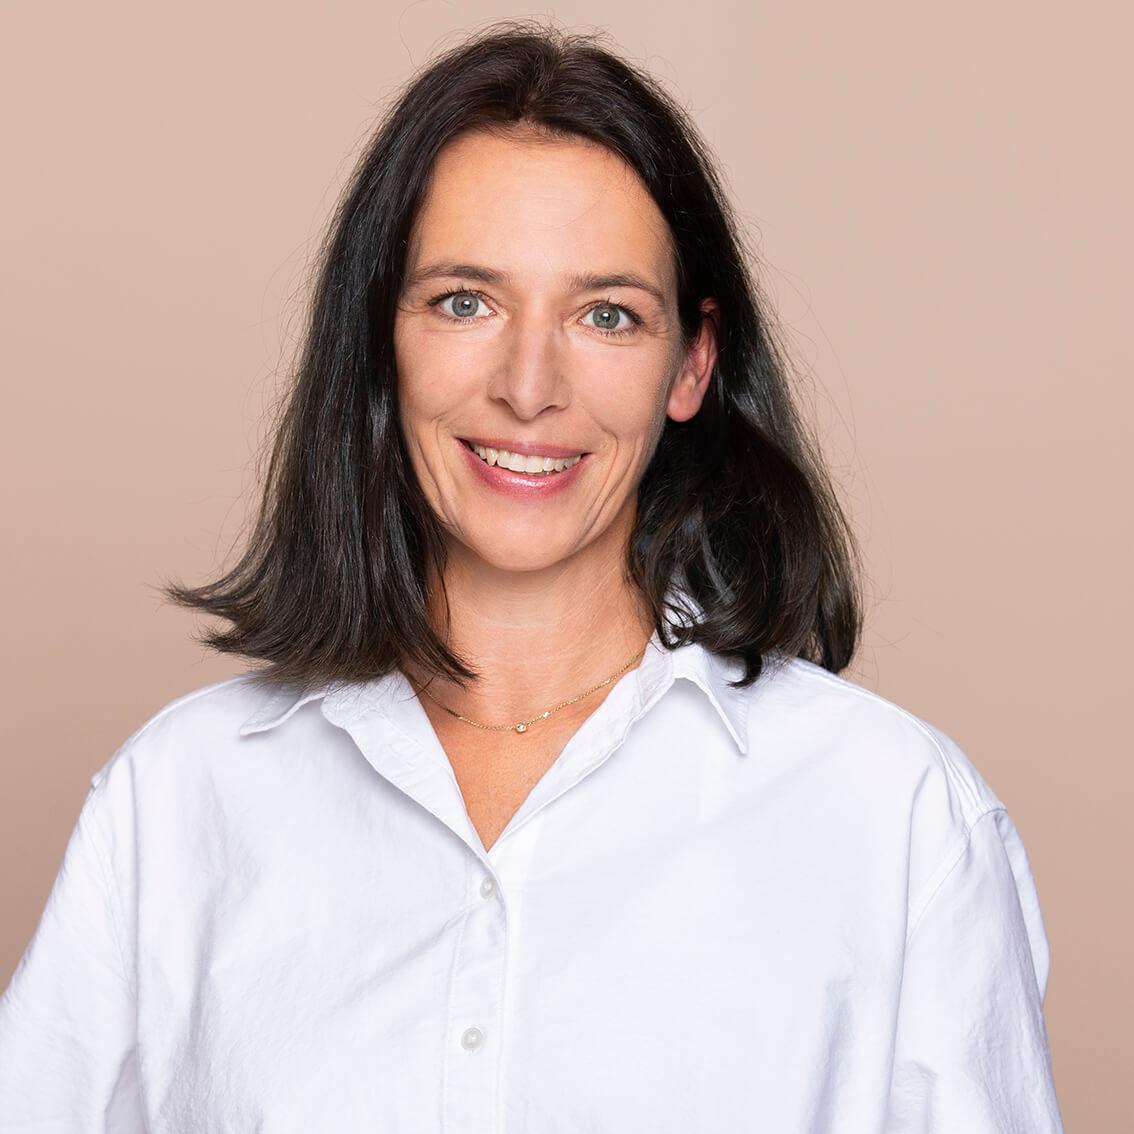 Katharina Telschow